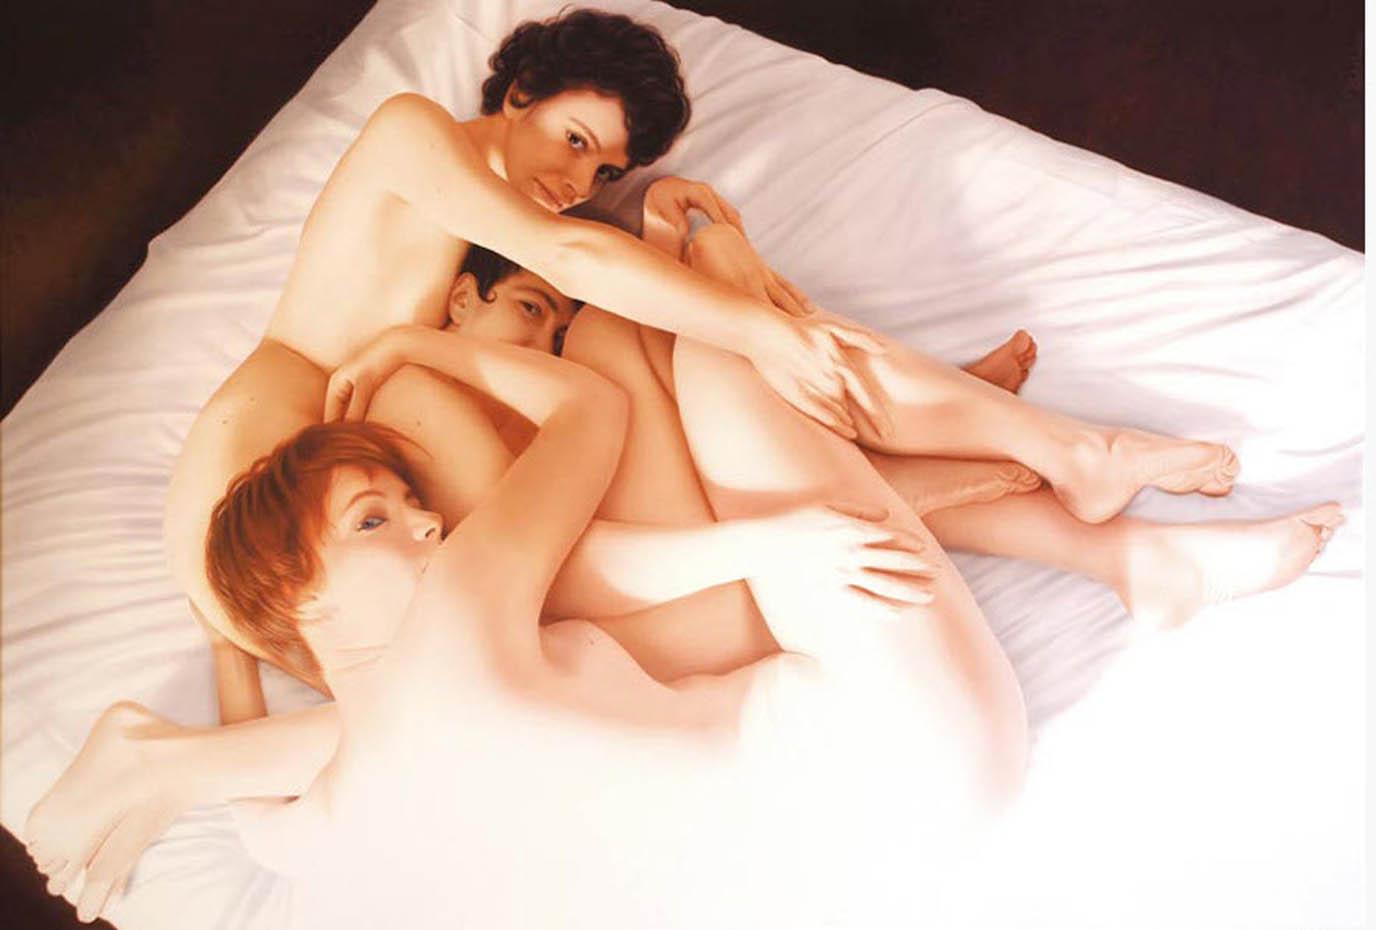 Юбер де Лартиг (Hubert de Lartigue), 3 French girls a New York